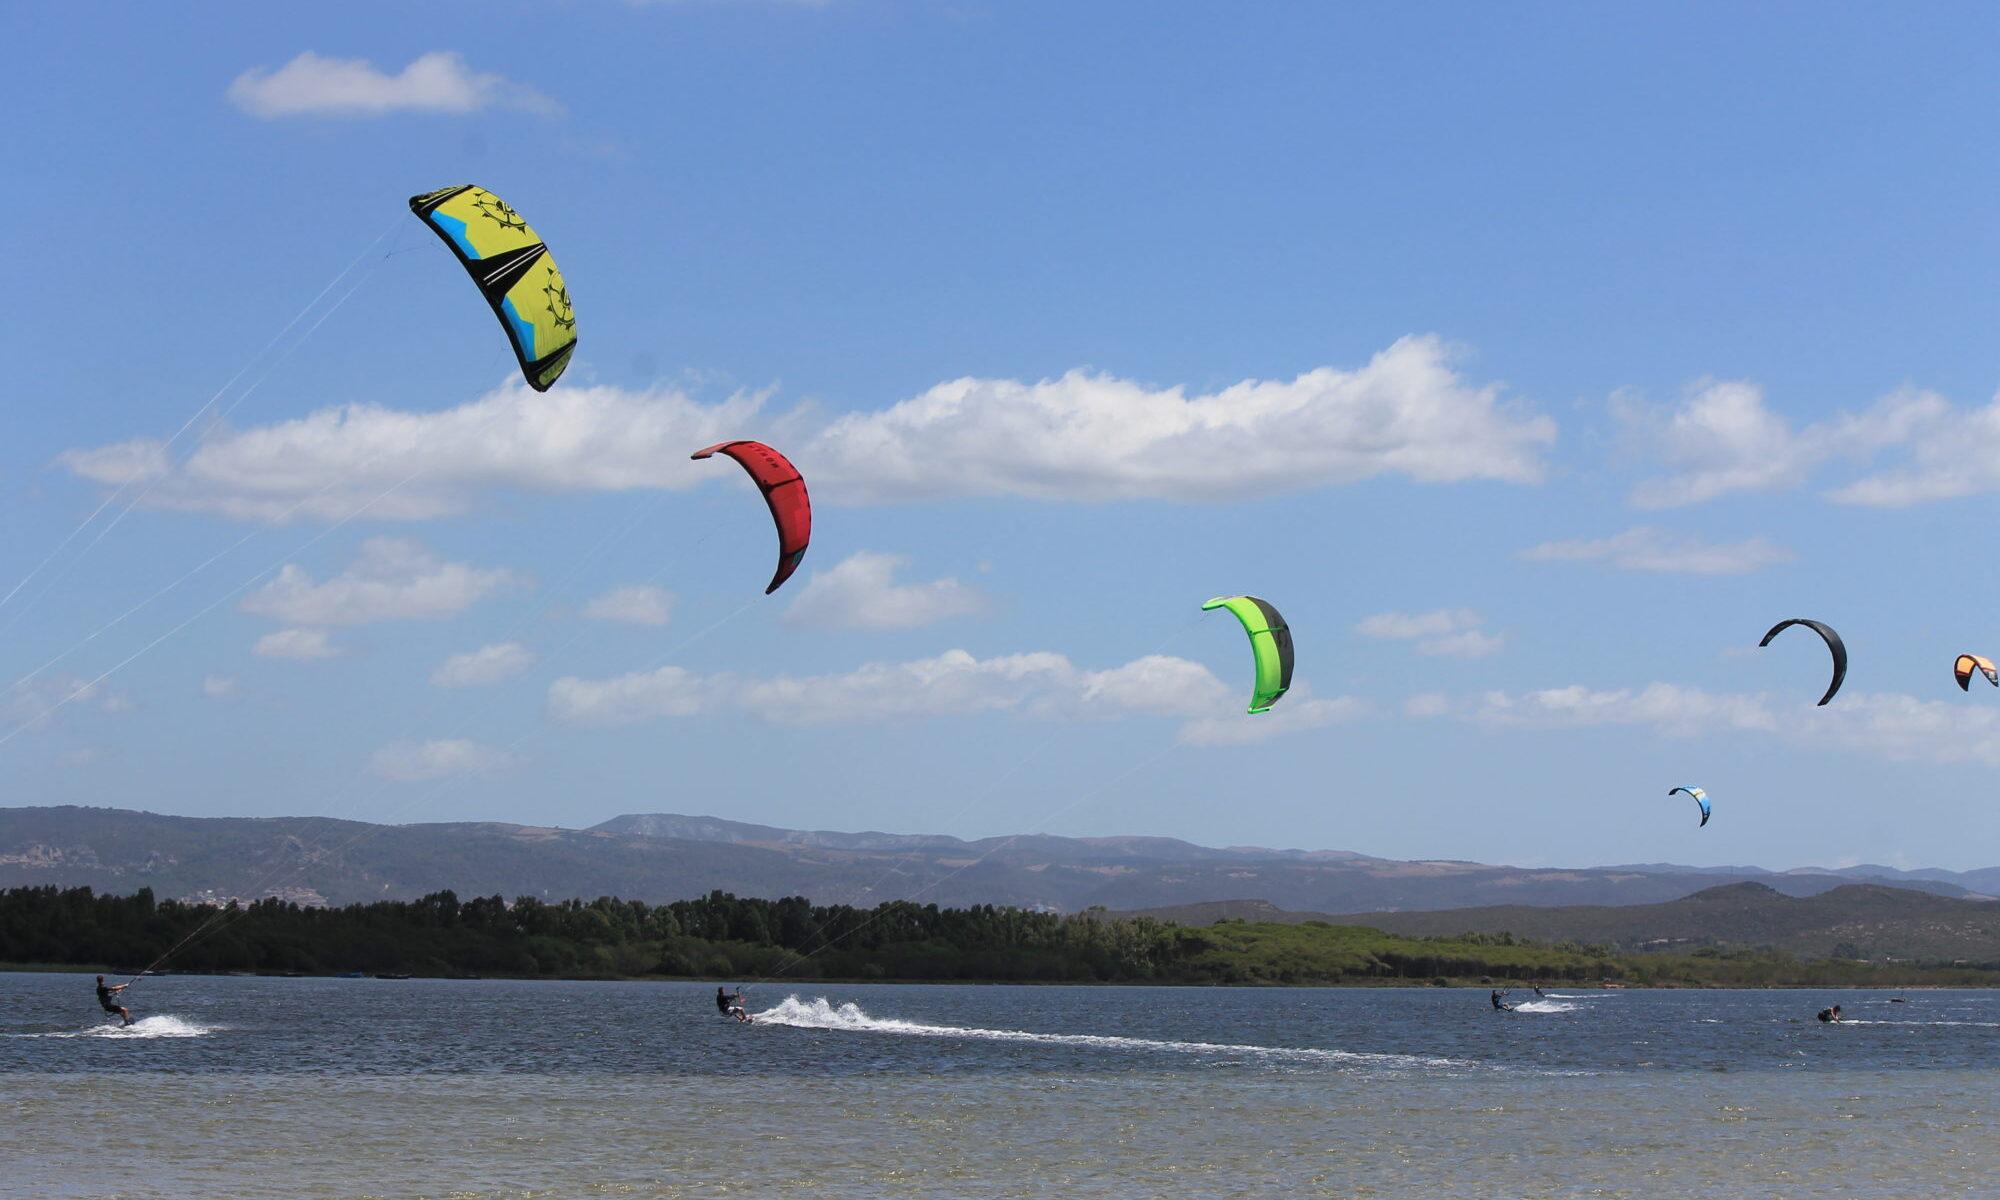 Regole, avvisi, consigli per fare kitesurf a Punta Trettu in Sardegna